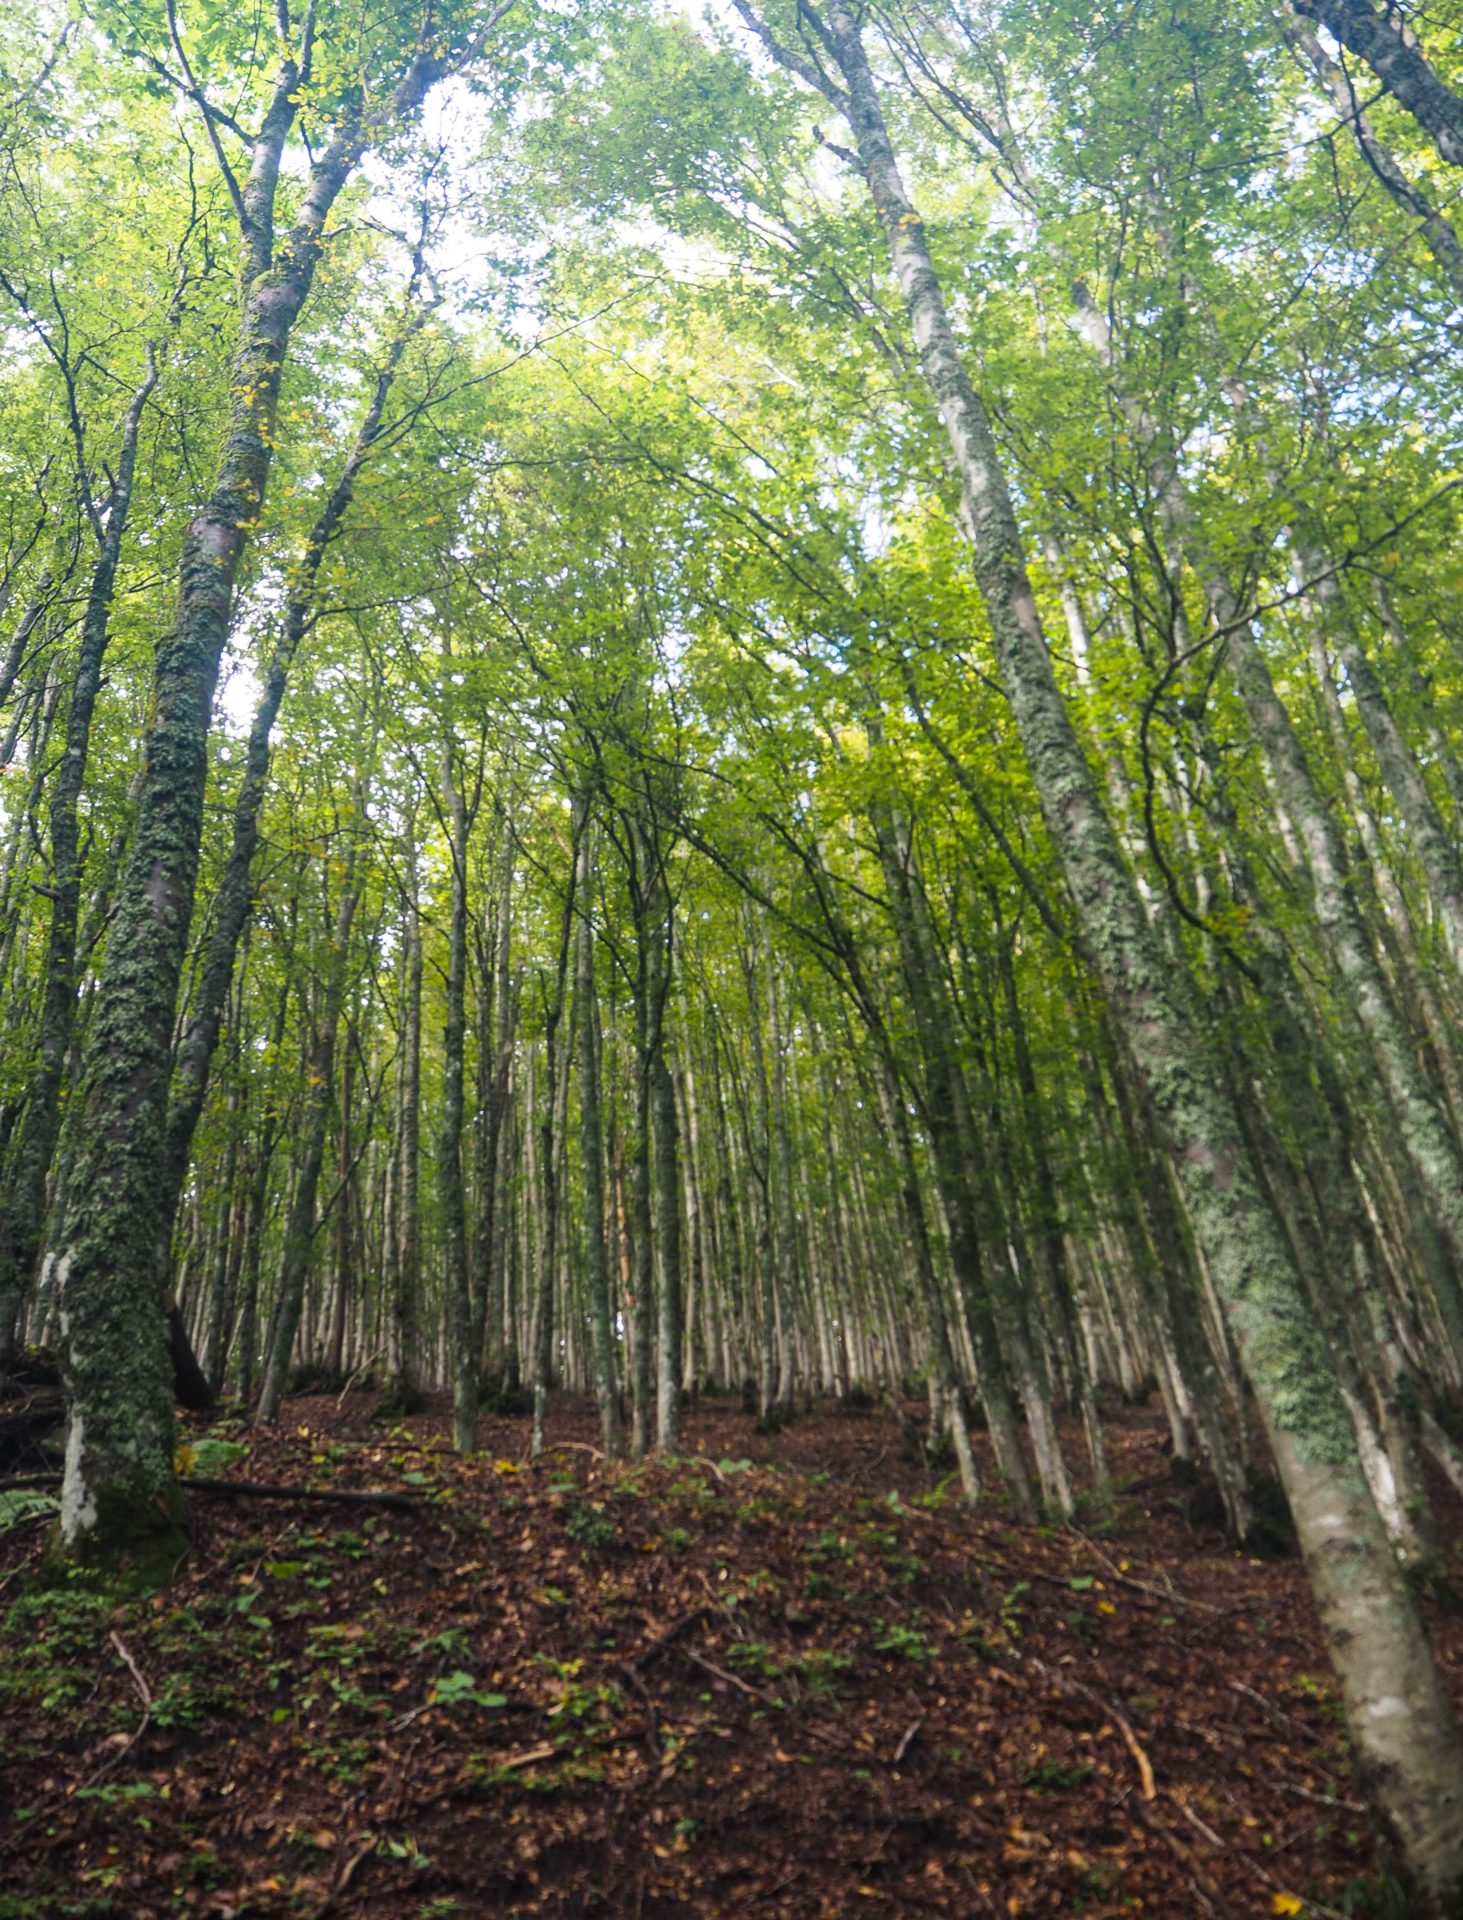 Un voyage nature en Emilie-Romagne, au coeur du Delta du Pô sur la côte Adriatique et du Parc national de la Forêt Casentinesi, Mont Falterona et Campigna dans les Apennins en Italie